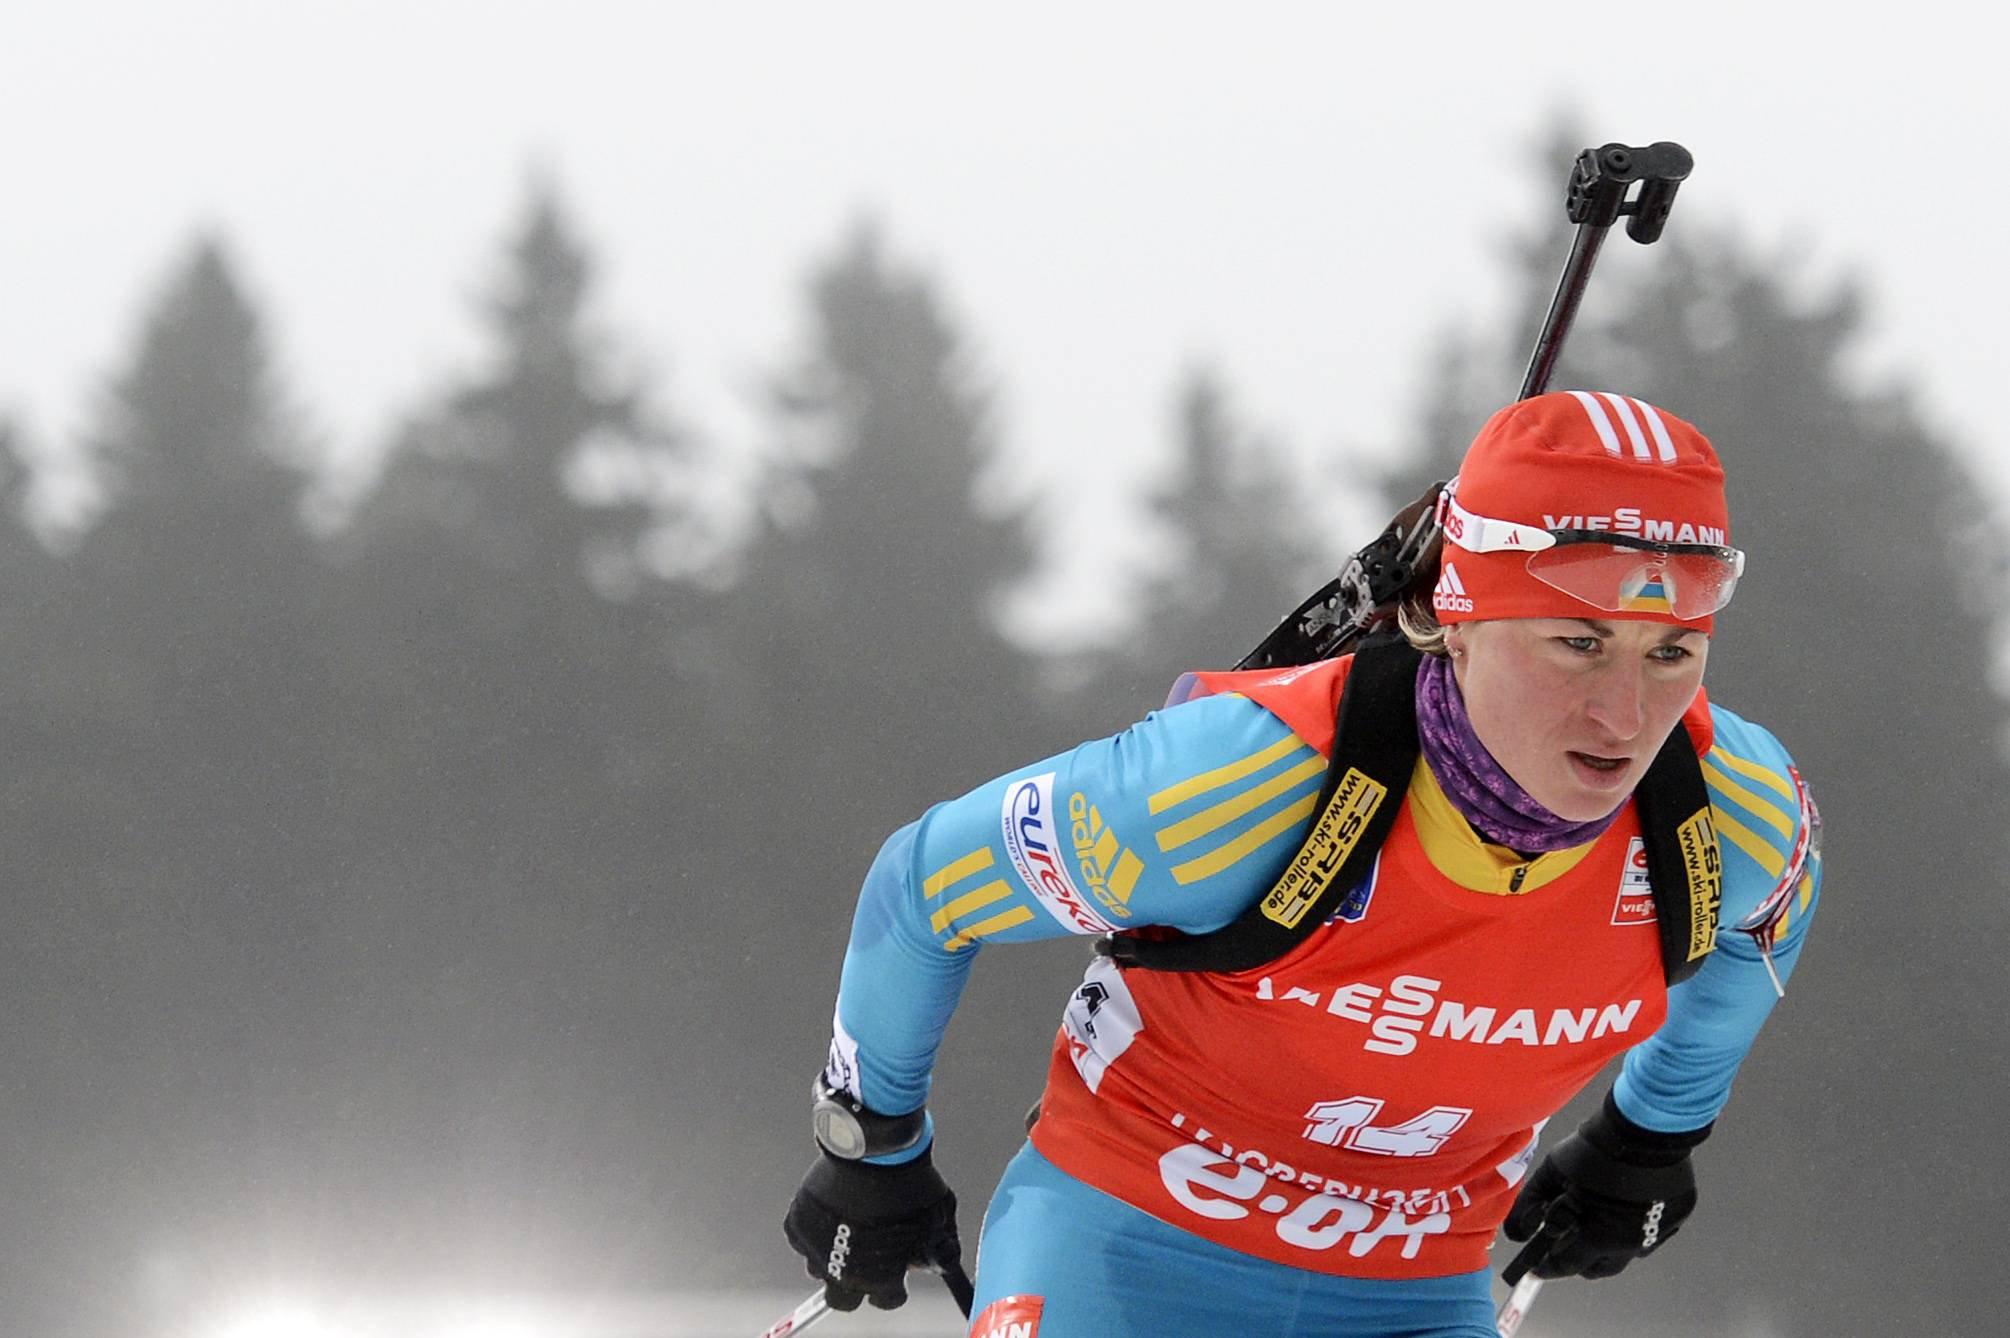 Валя Семеренко показала 4-й результат в спринте по биатлону